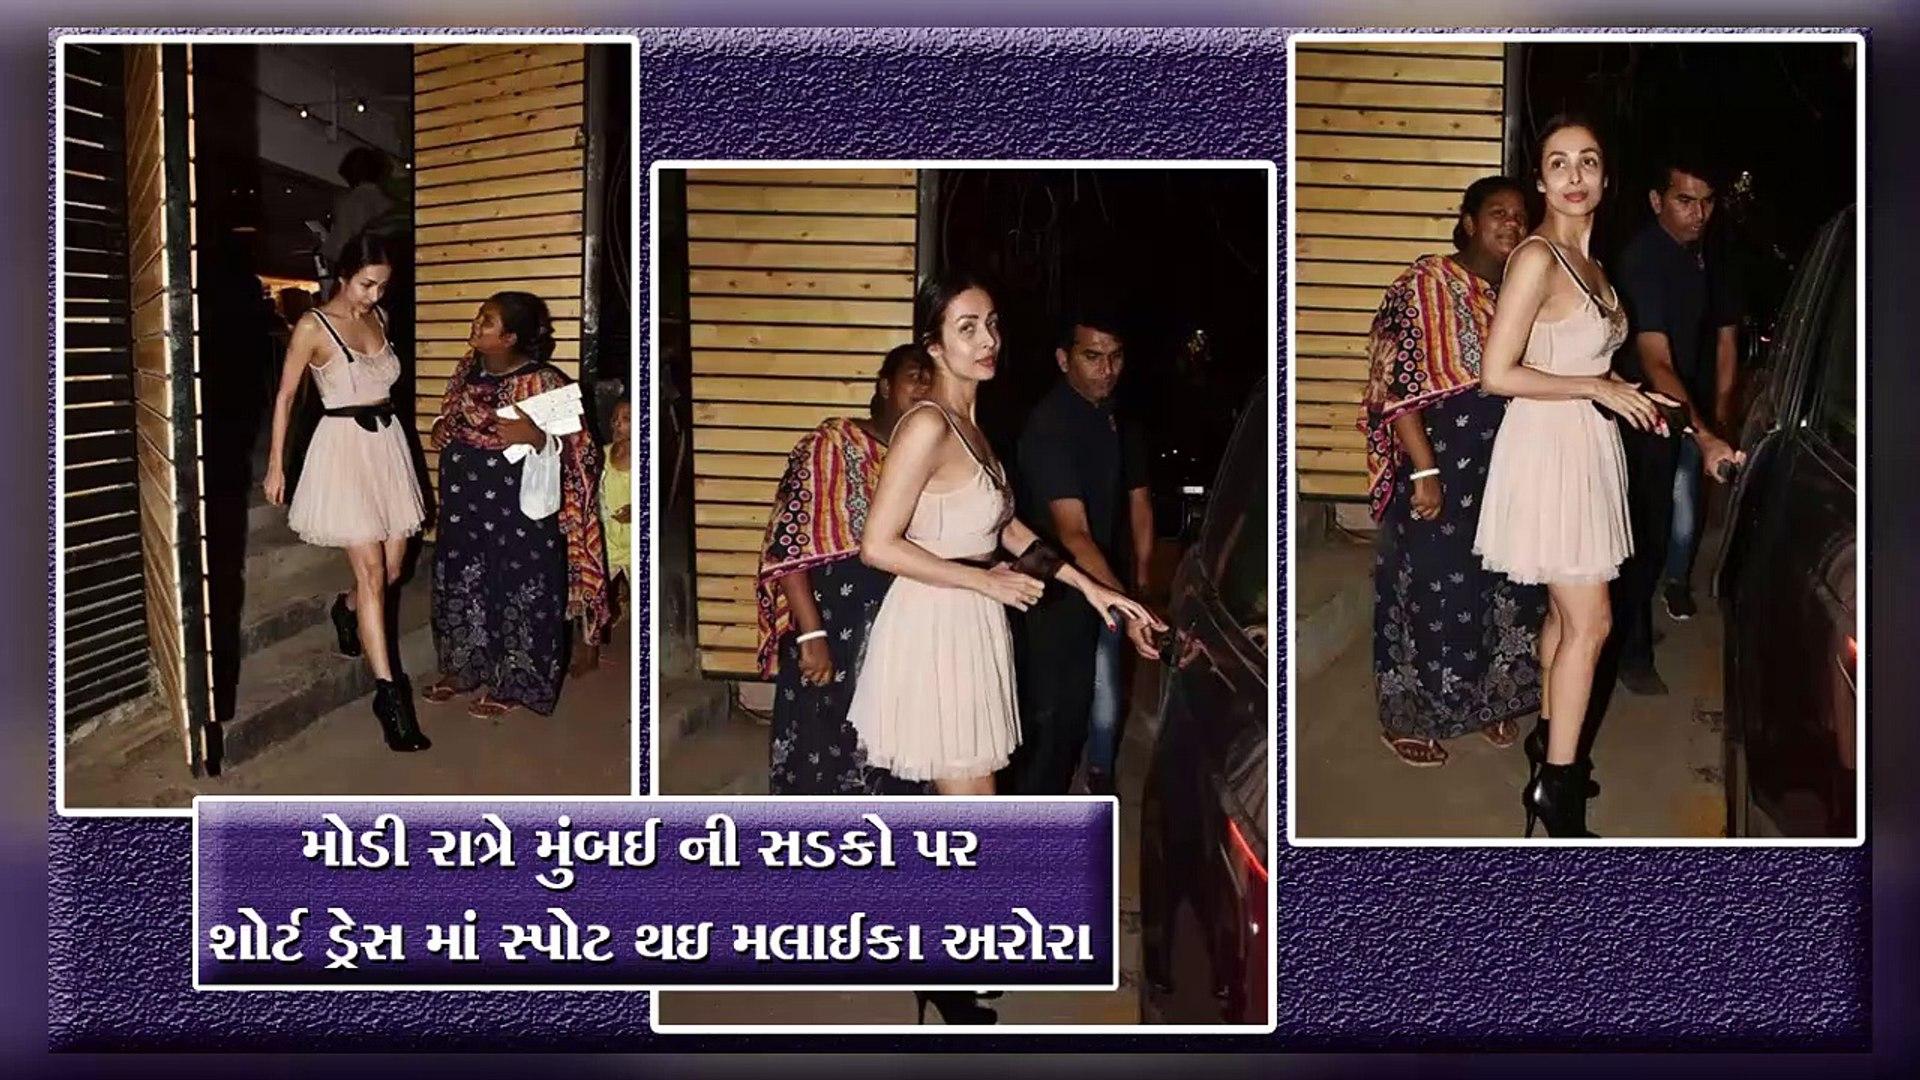 મોડી રાત્રે મુંબઈ ની સડકો પર શોર્ટ ડ્રેસ માં સ્પોટ થઇ મલાઈકા અરોરા